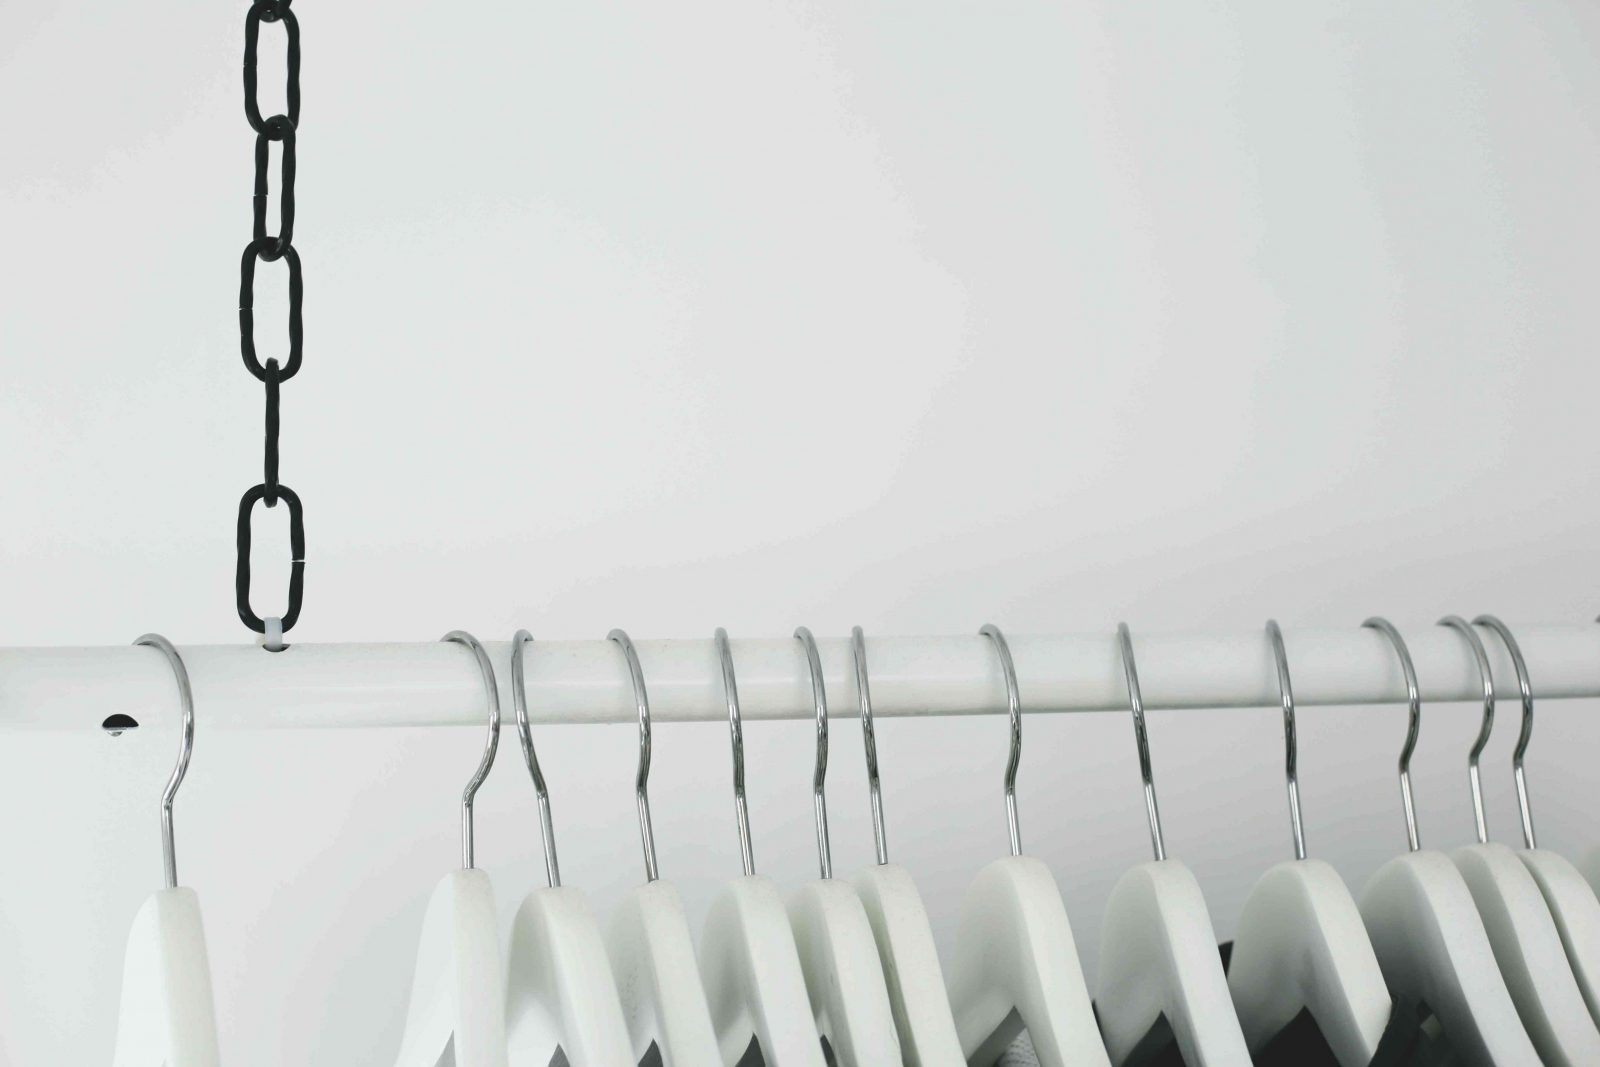 Kleiderstangediydeckehaengendwardrobeidea  Do & Live von Kleiderstange Von Der Decke Bild